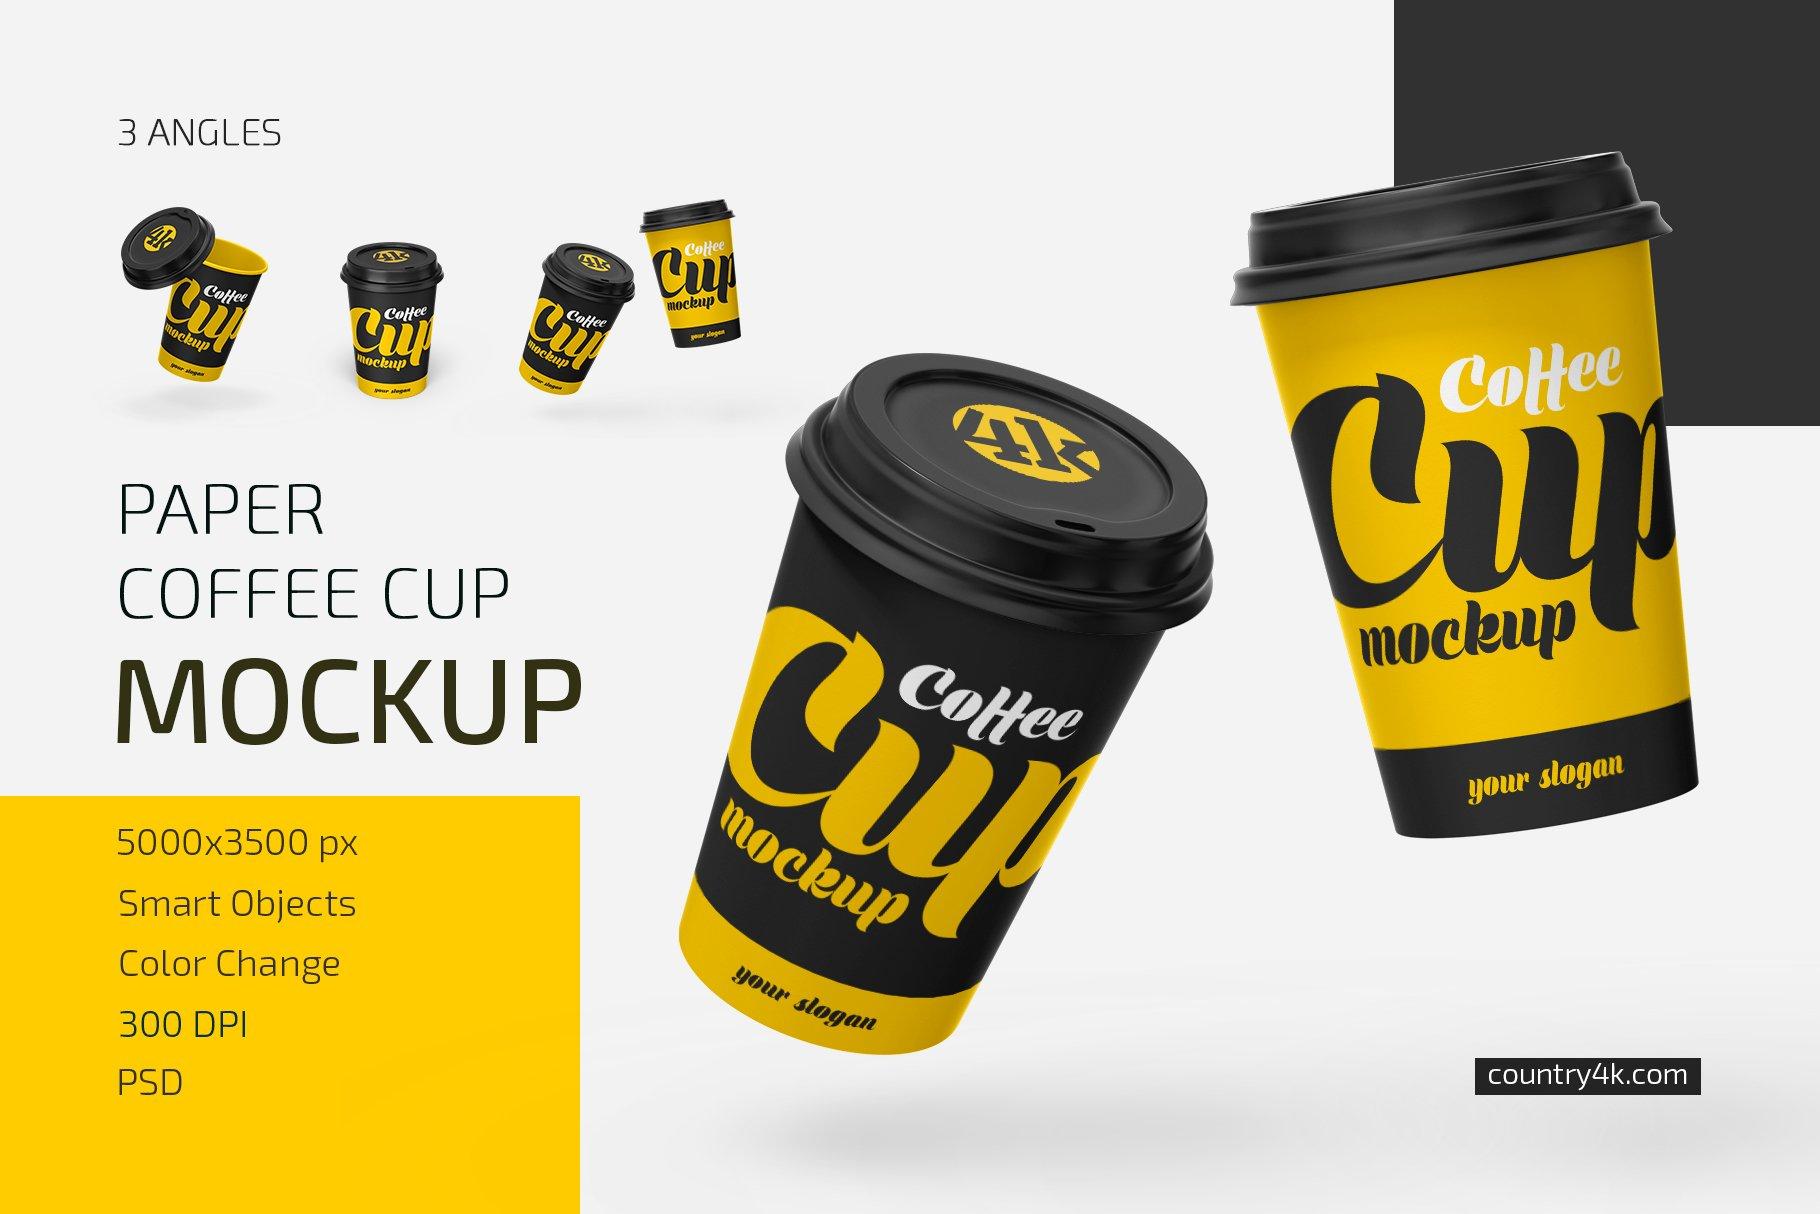 一次性外卖咖啡纸杯设计展示样机模板 Paper Coffee Cup Mockup Set插图